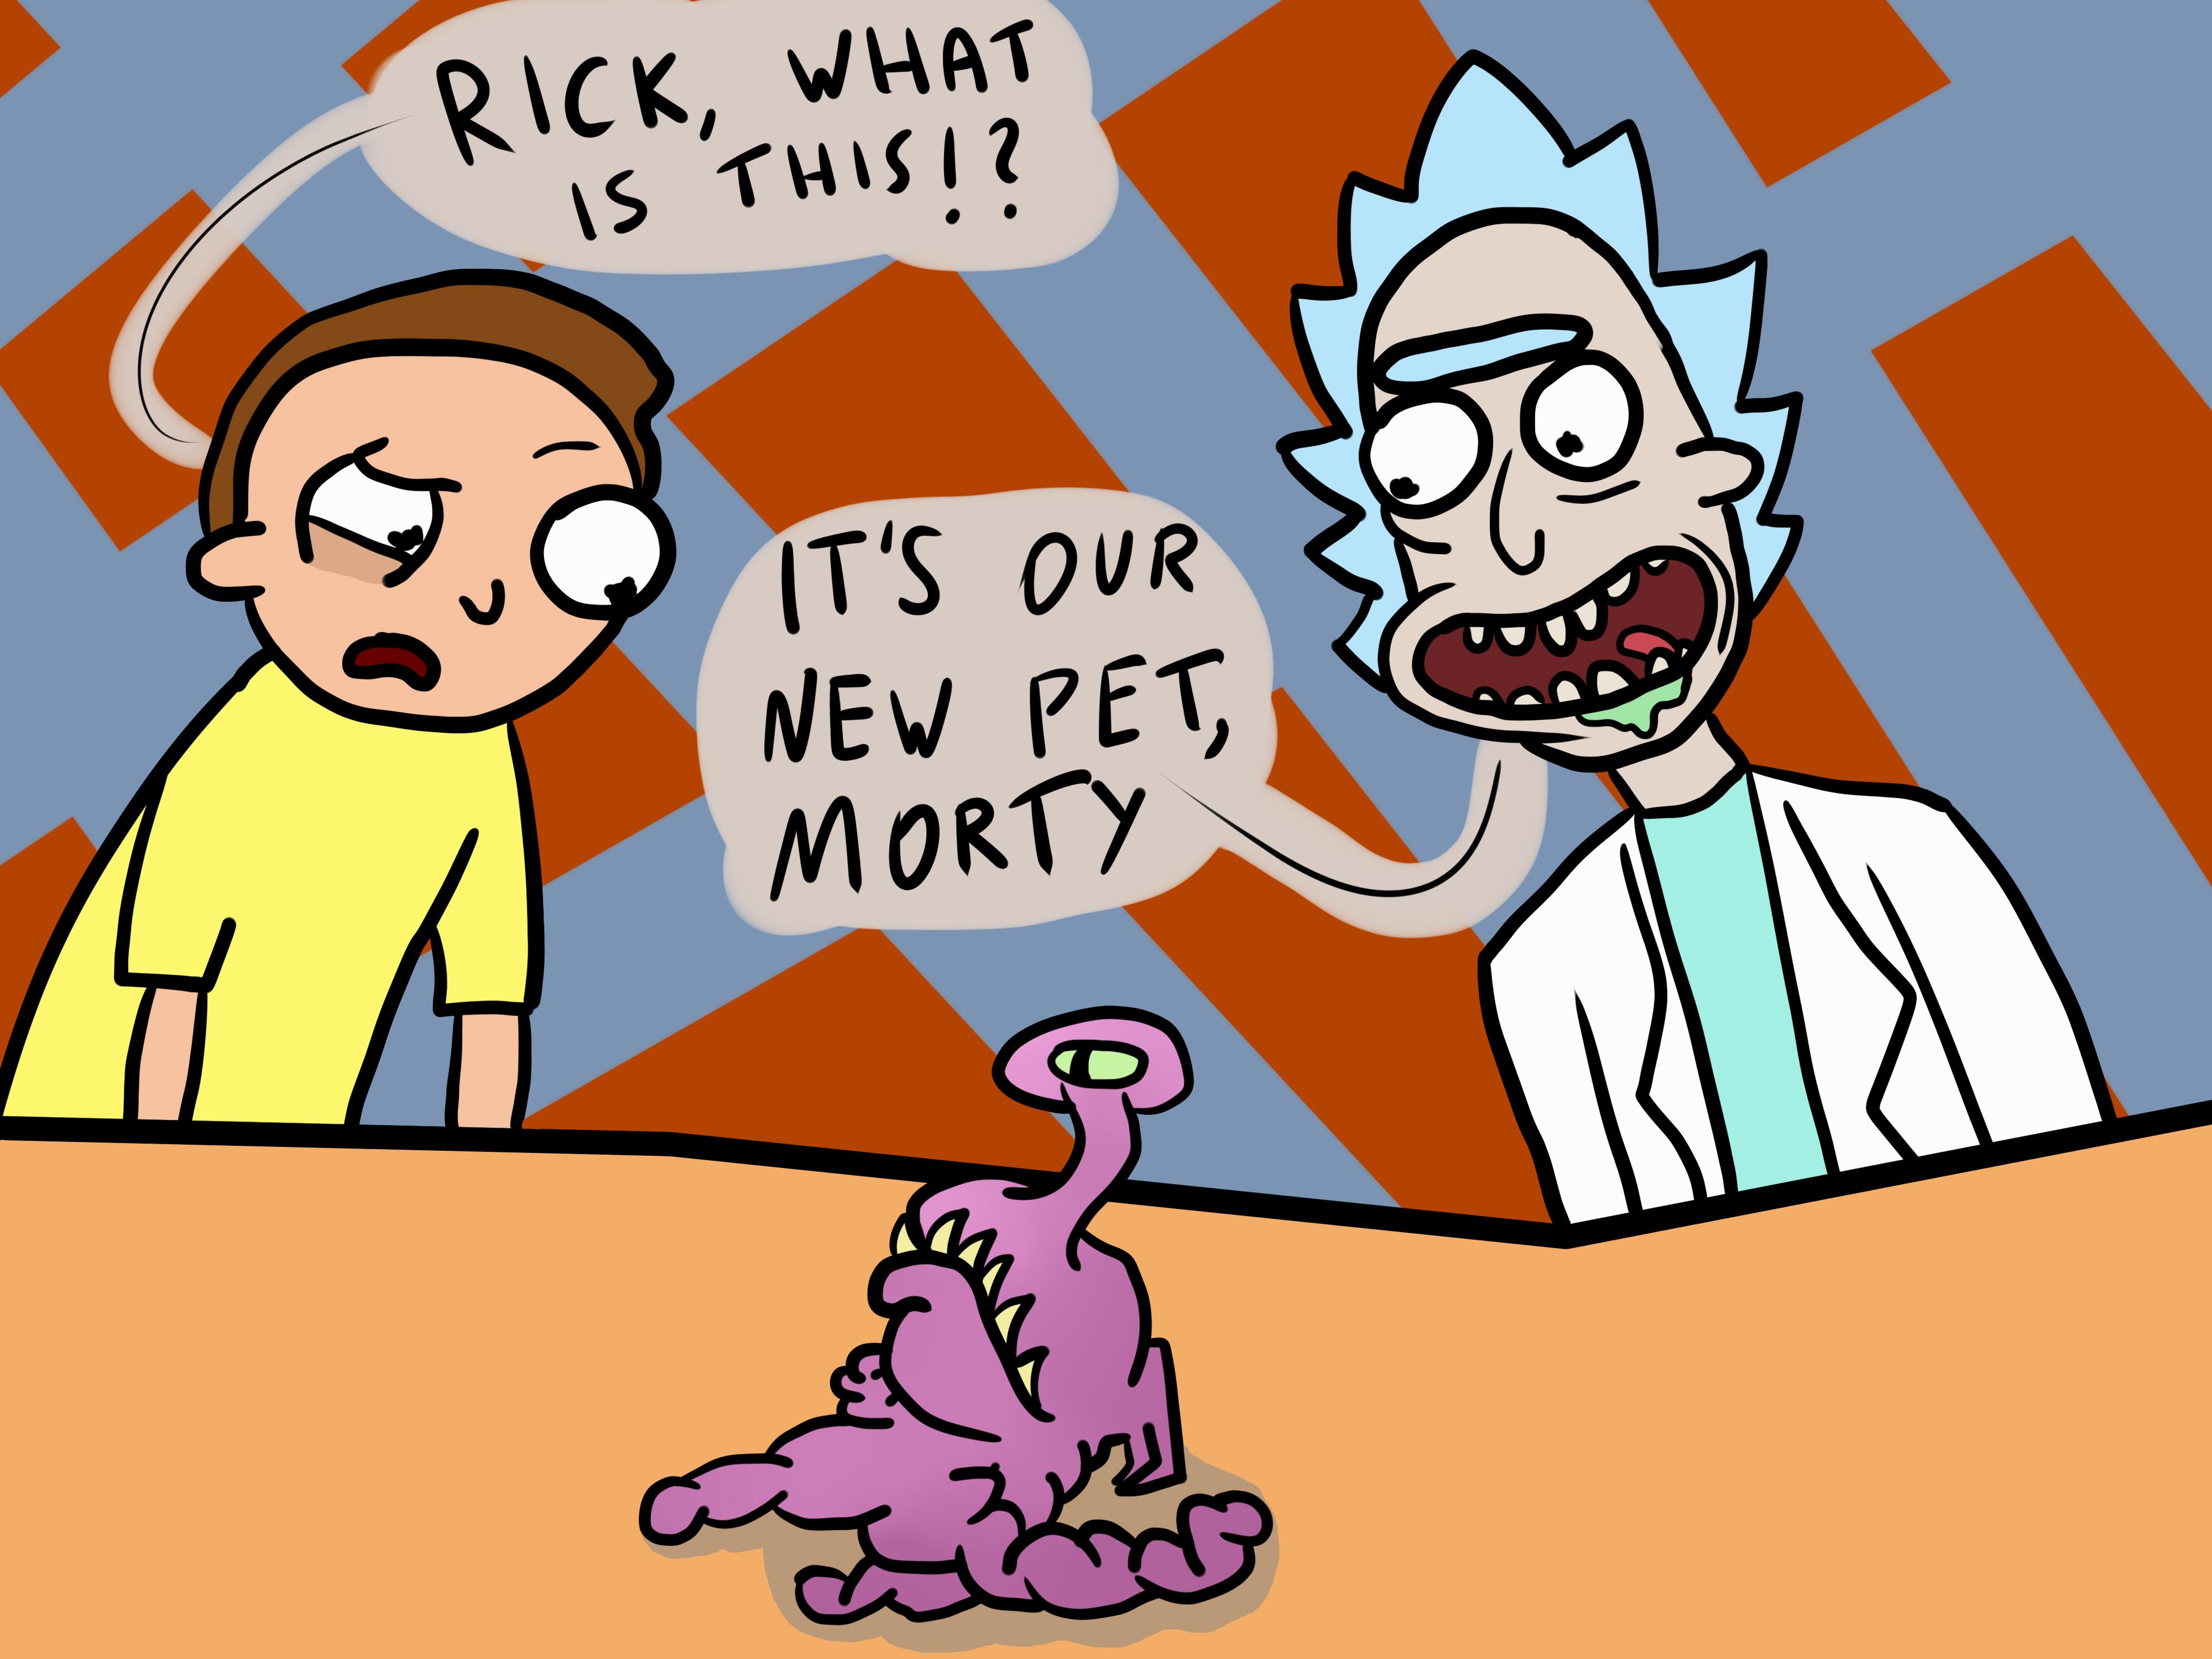 Rick's new pet